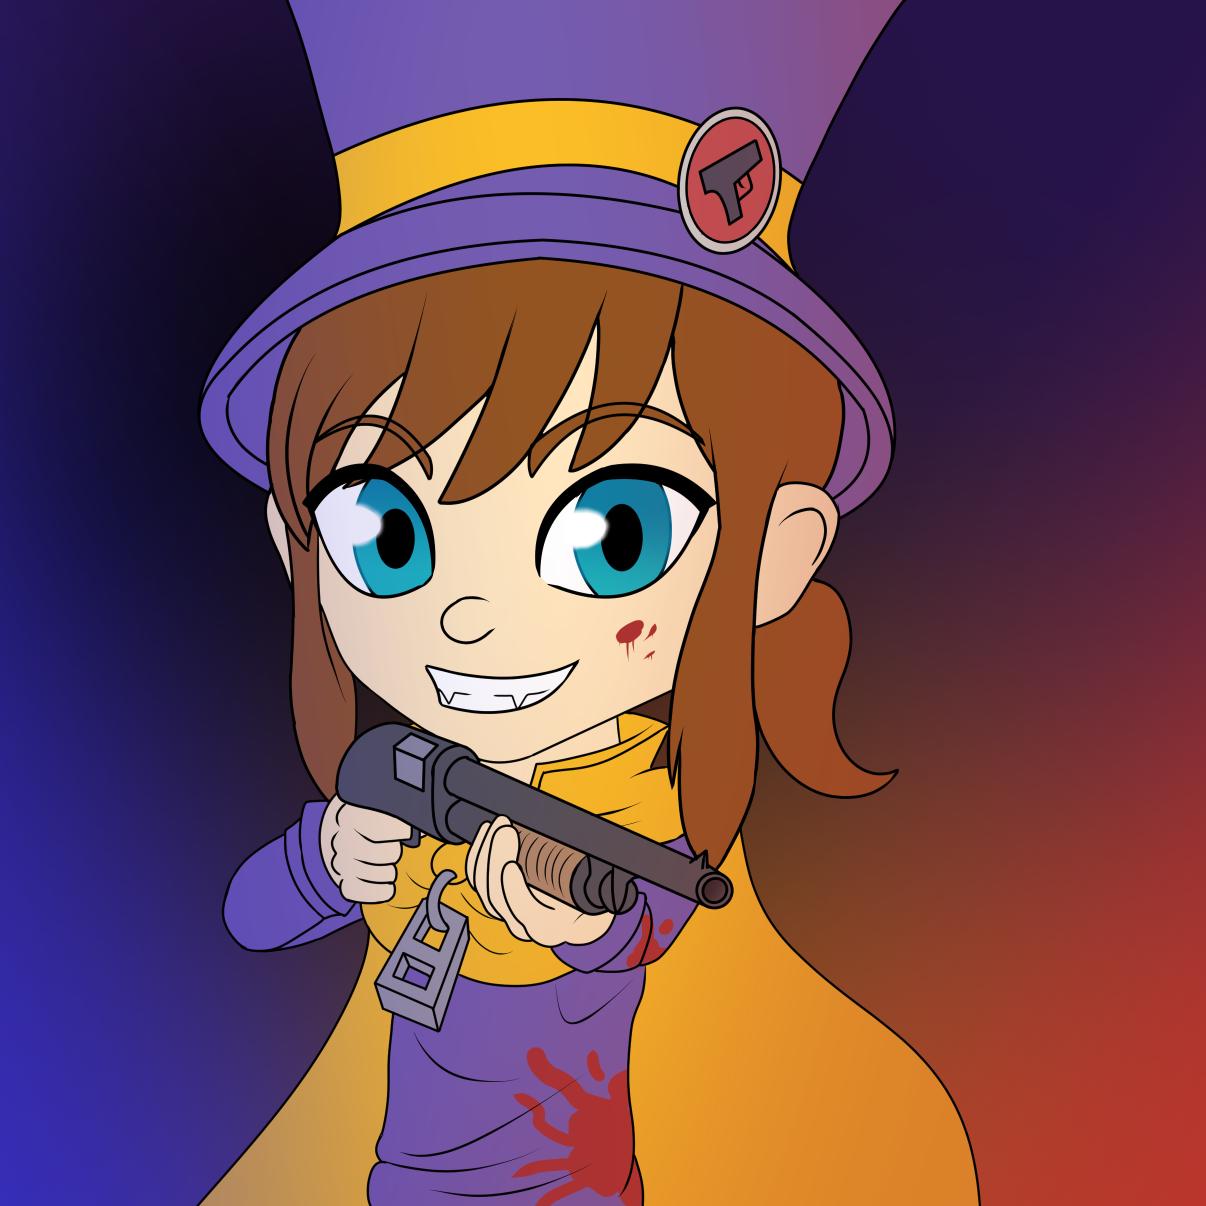 Hat Kid. With a gun.